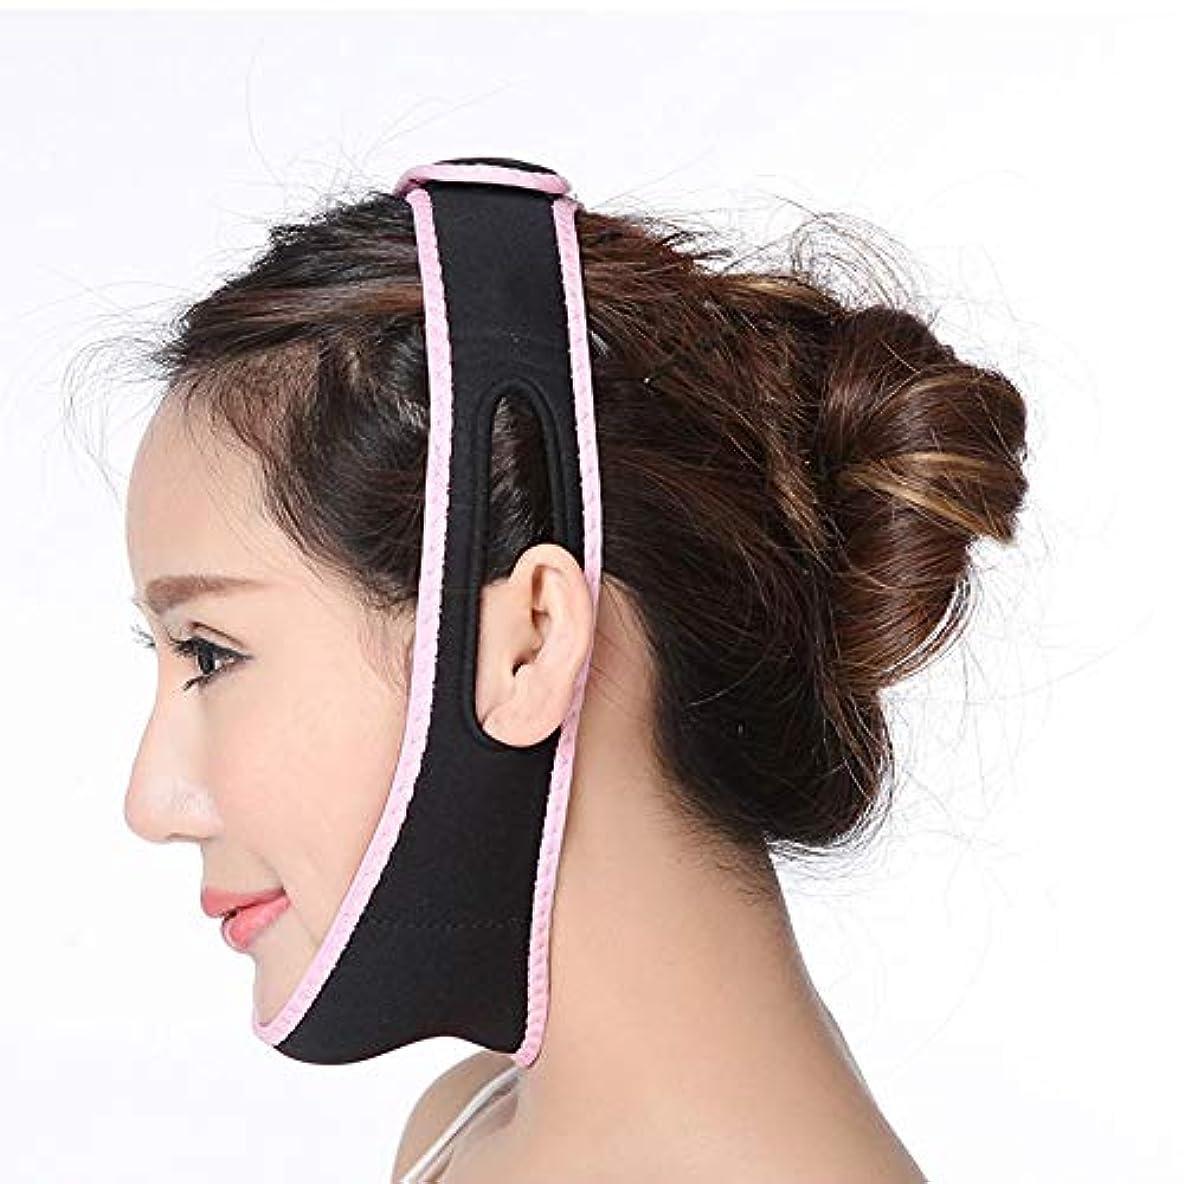 権威嫌悪突然GYZ フェイスリフティングアーティファクト3D薄型フェイス付き薄型シンフェイスマスク小型Vフェイス包帯二重あごフェイスリフティングデバイスリフティングファーミング - ブラック Thin Face Belt